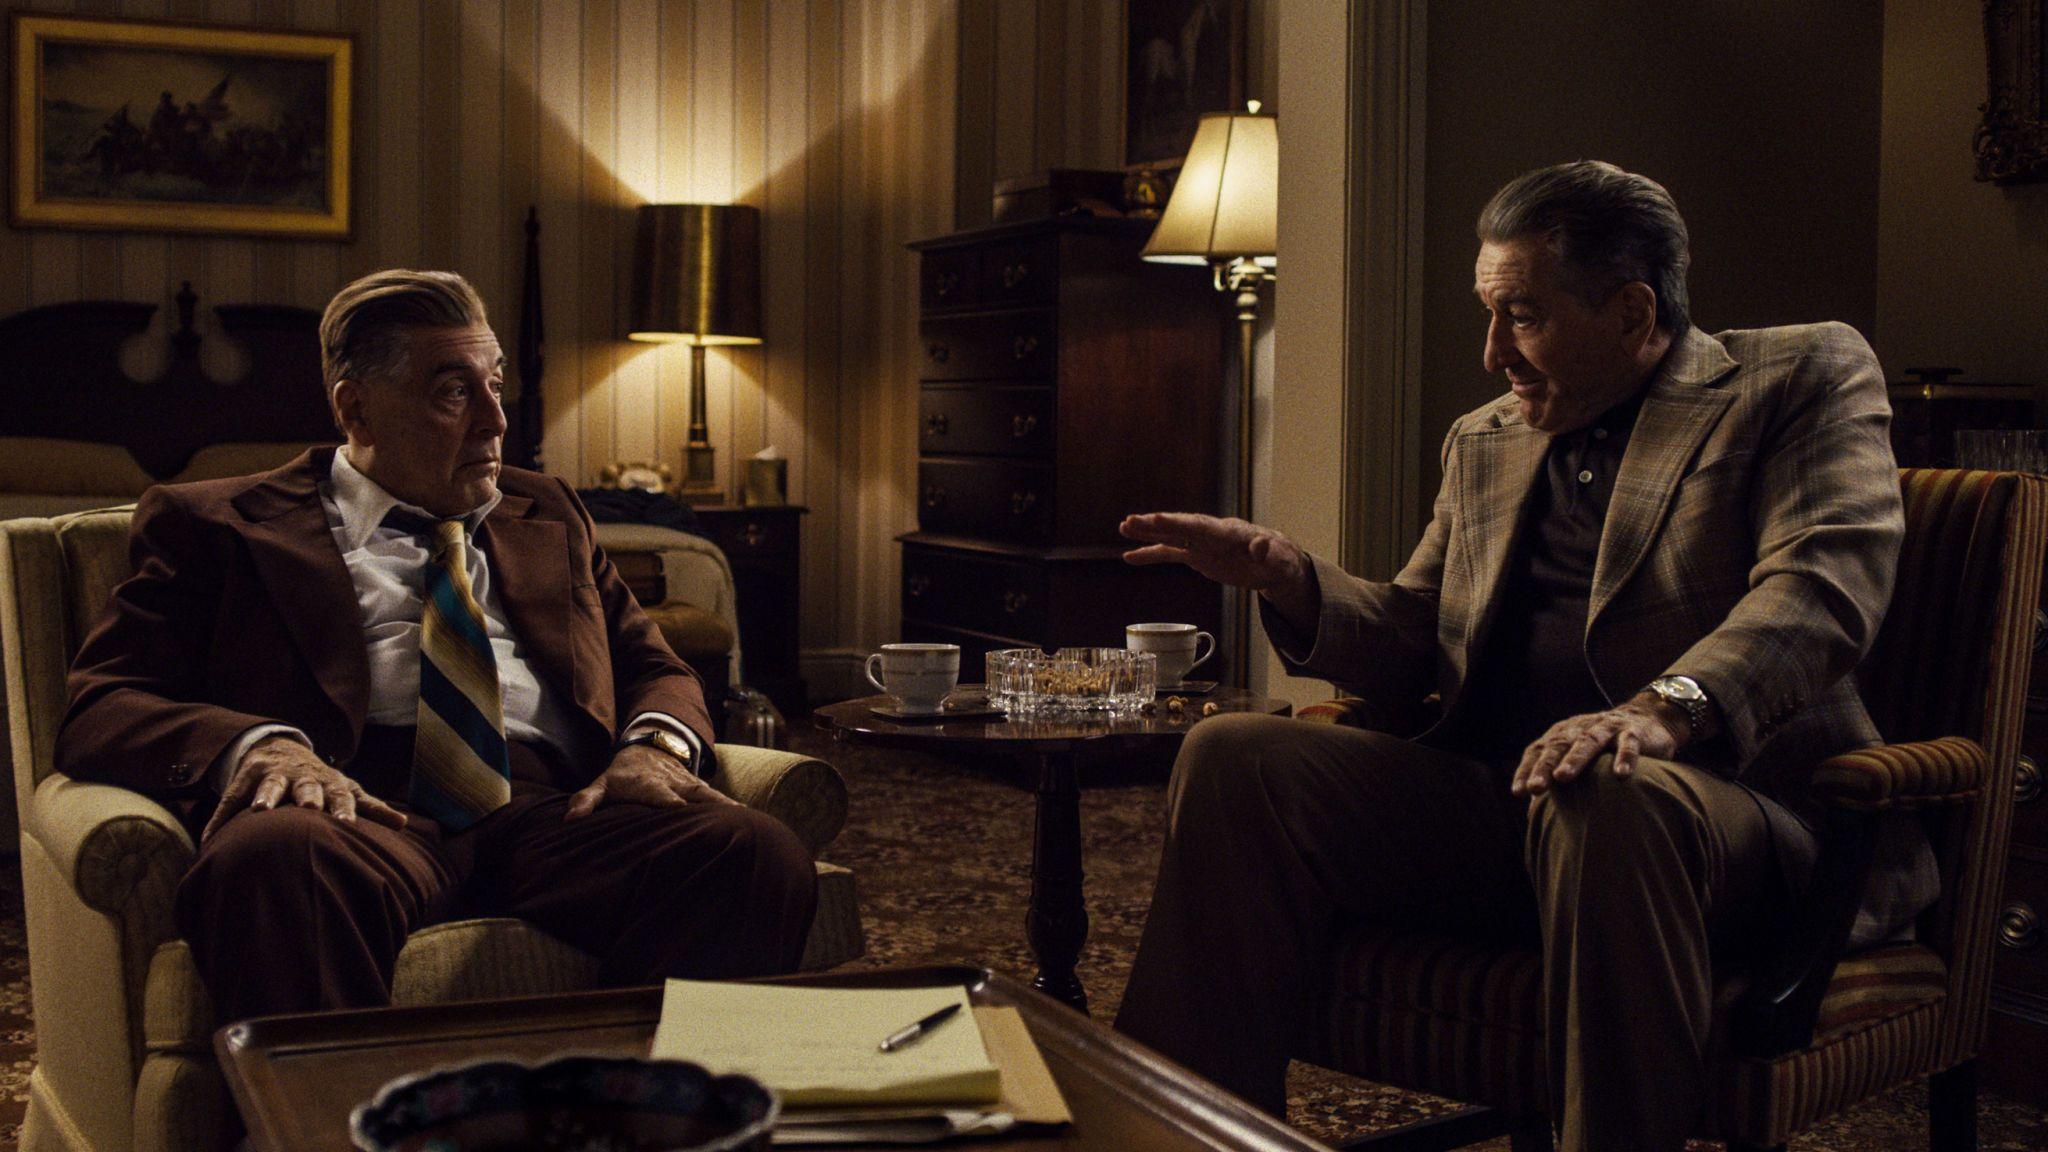 Jimmy Hoffa (Al Pacino) and Frank Sheeran (Robert De Niro) in Martin Scorsese's The Irishman. Pic: Netflix